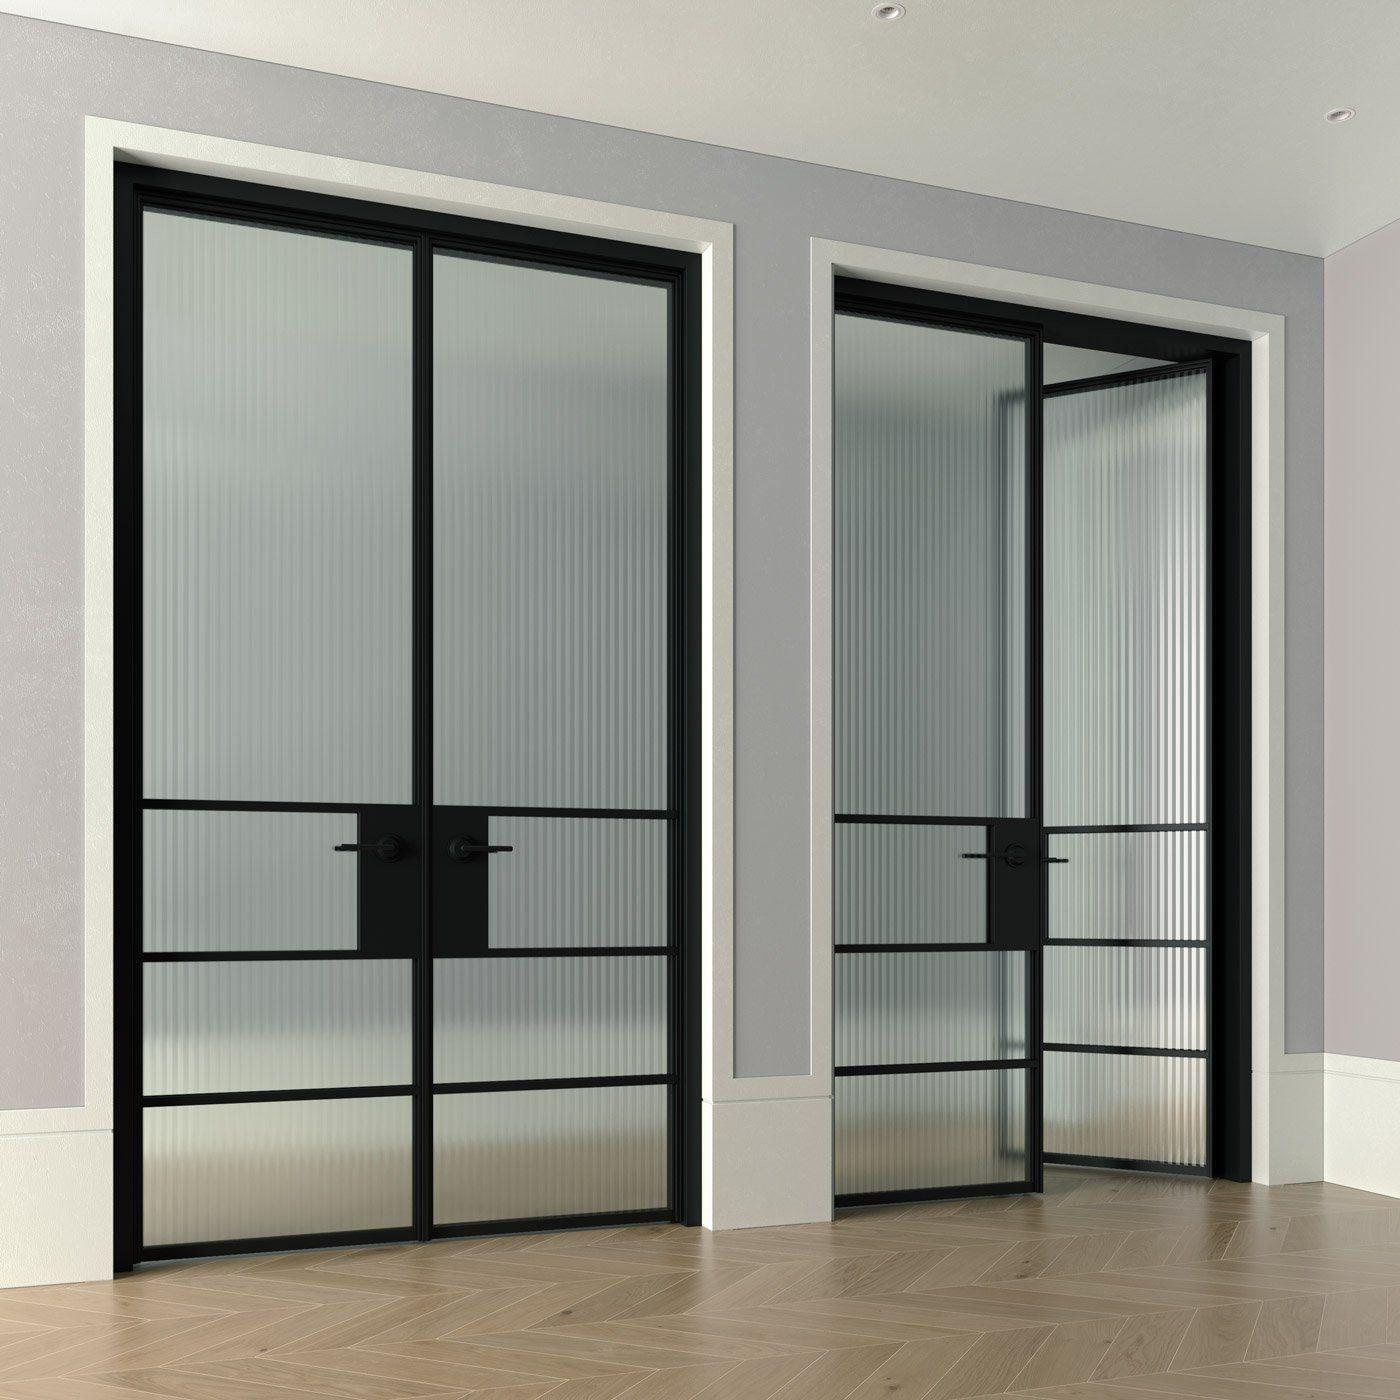 Zen Doors Modern Iron Entry Pivot Hinge Doors Steel Glass Doors In 2020 Glass Door Steel Front Door Steel Door Design